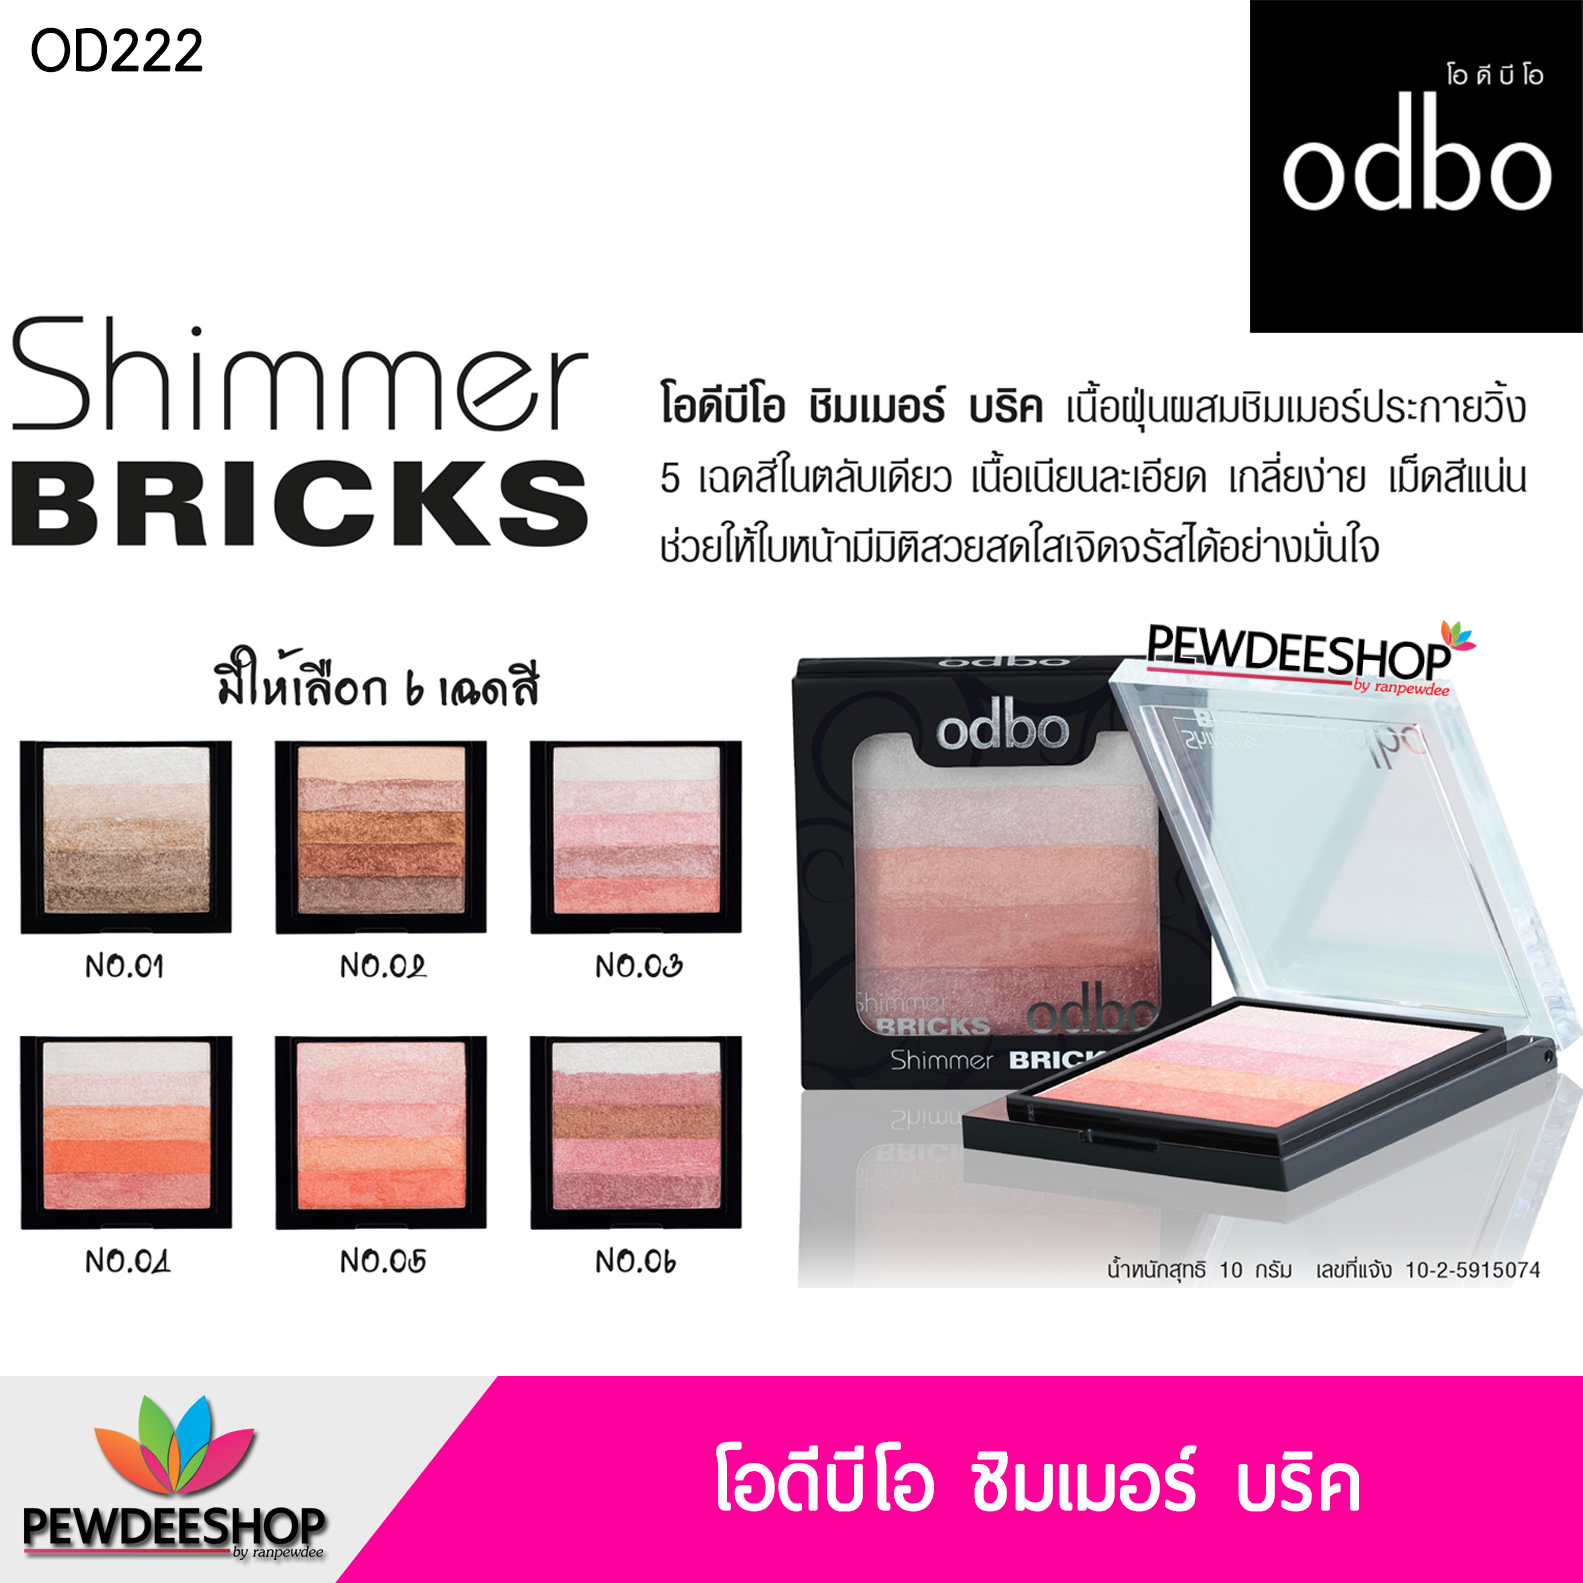 OD222 โอดีบีโอ ชิมเมอร์ บริค